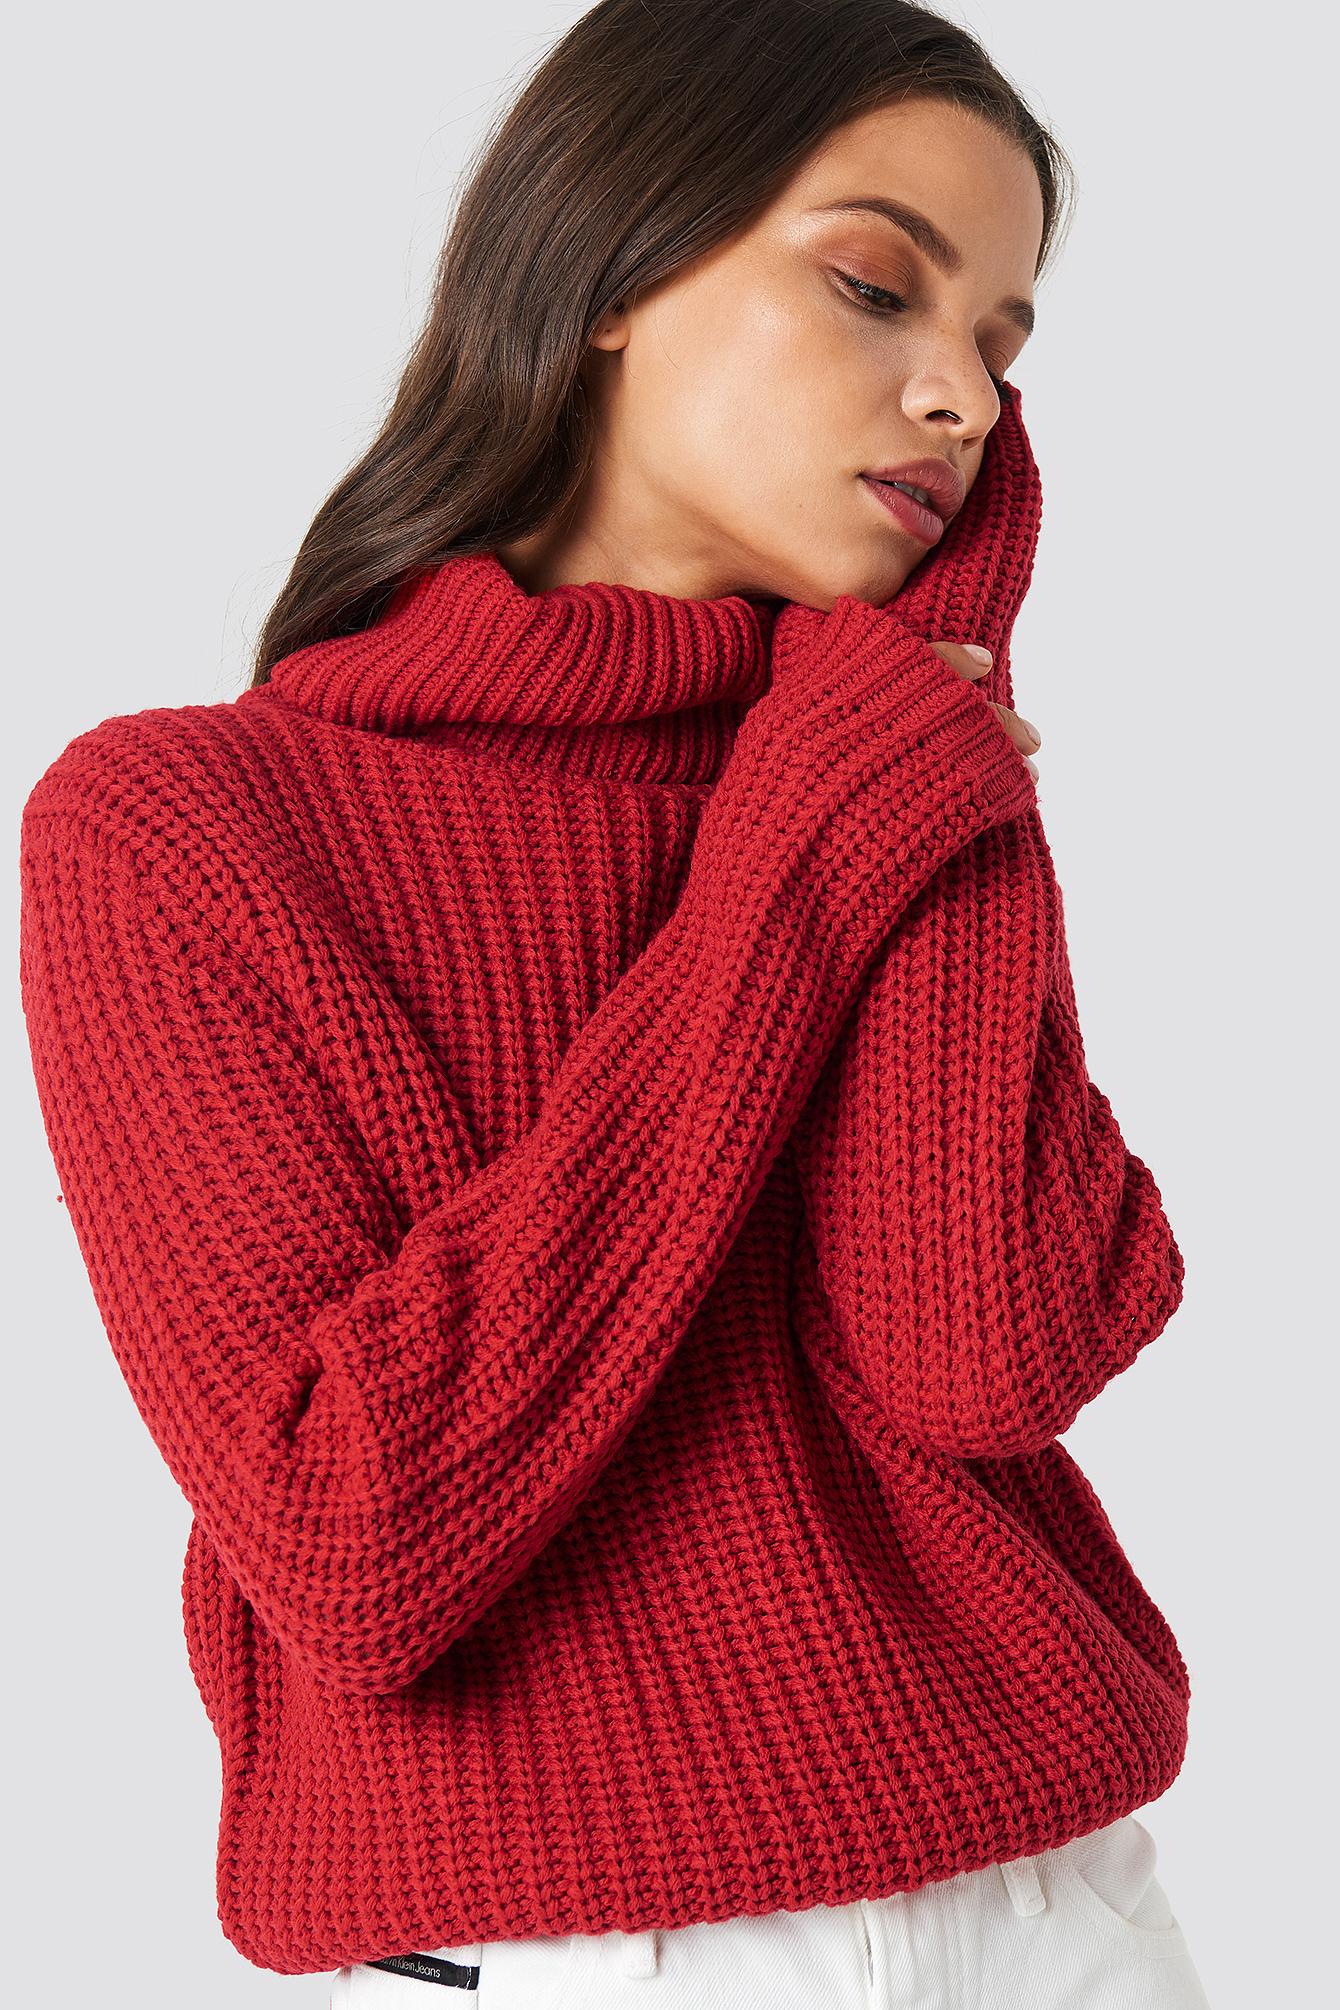 abca27c8 Genser med høy hals, rød strikkegenser fra Rut & Circle